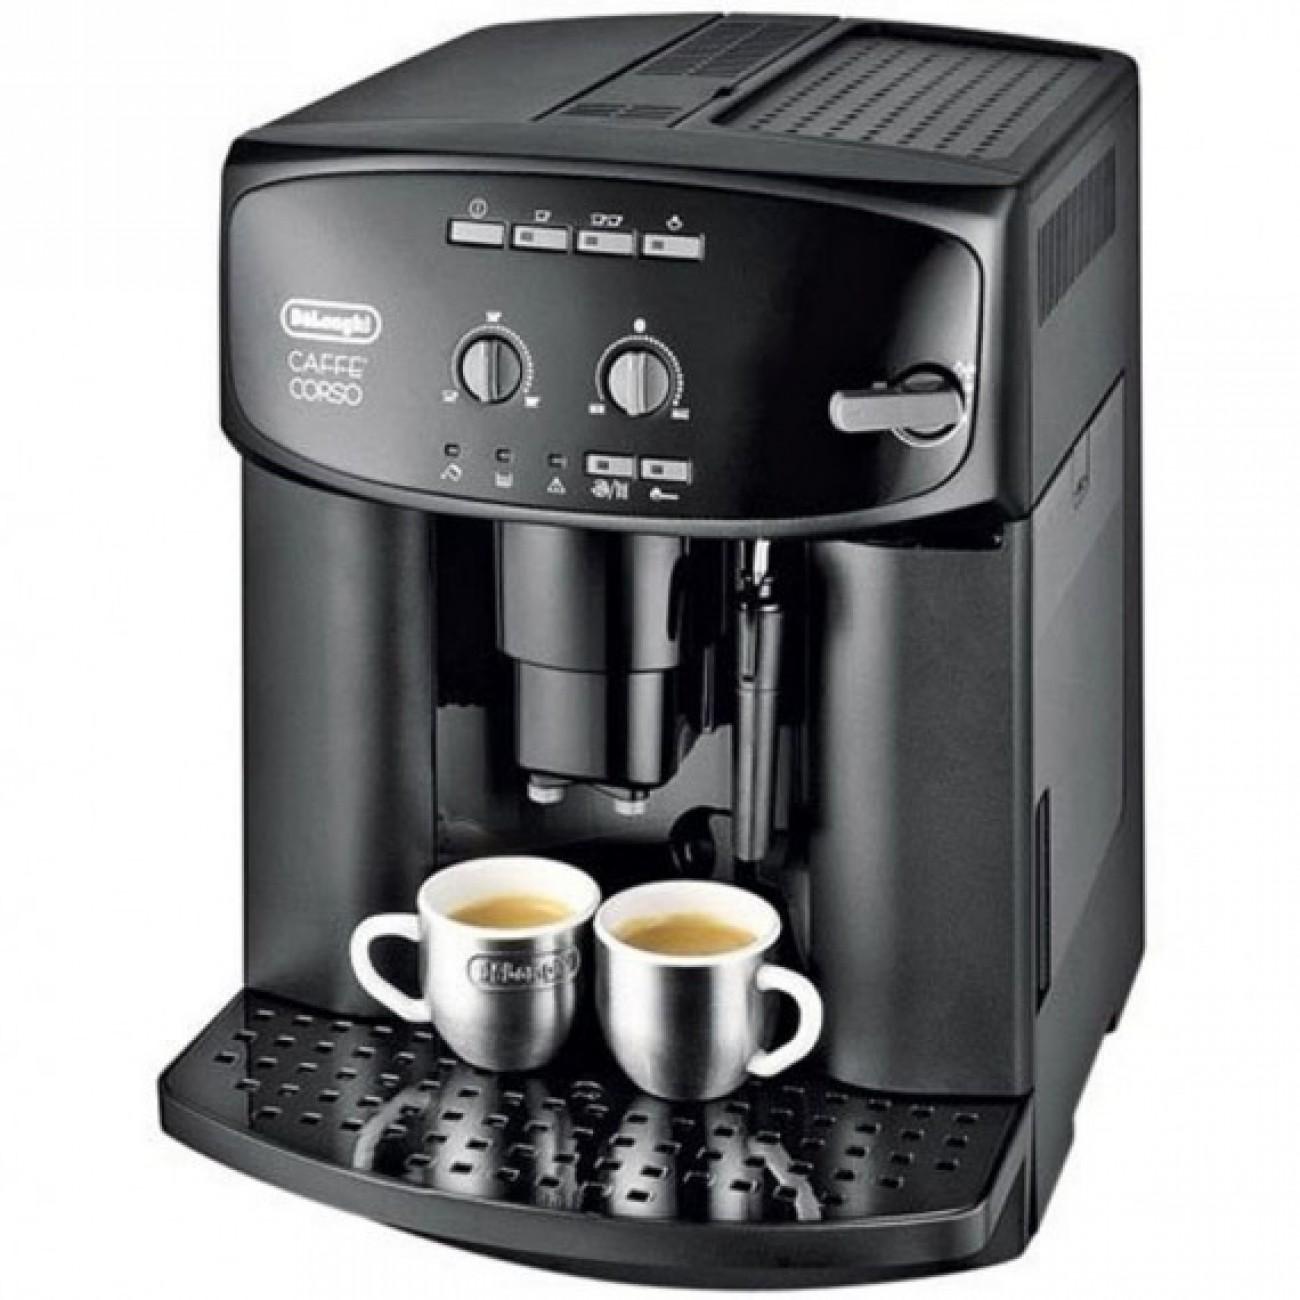 Кафеавтомат Delonghi ESAM 2600 в Кафемашини - DeLonghi | Alleop